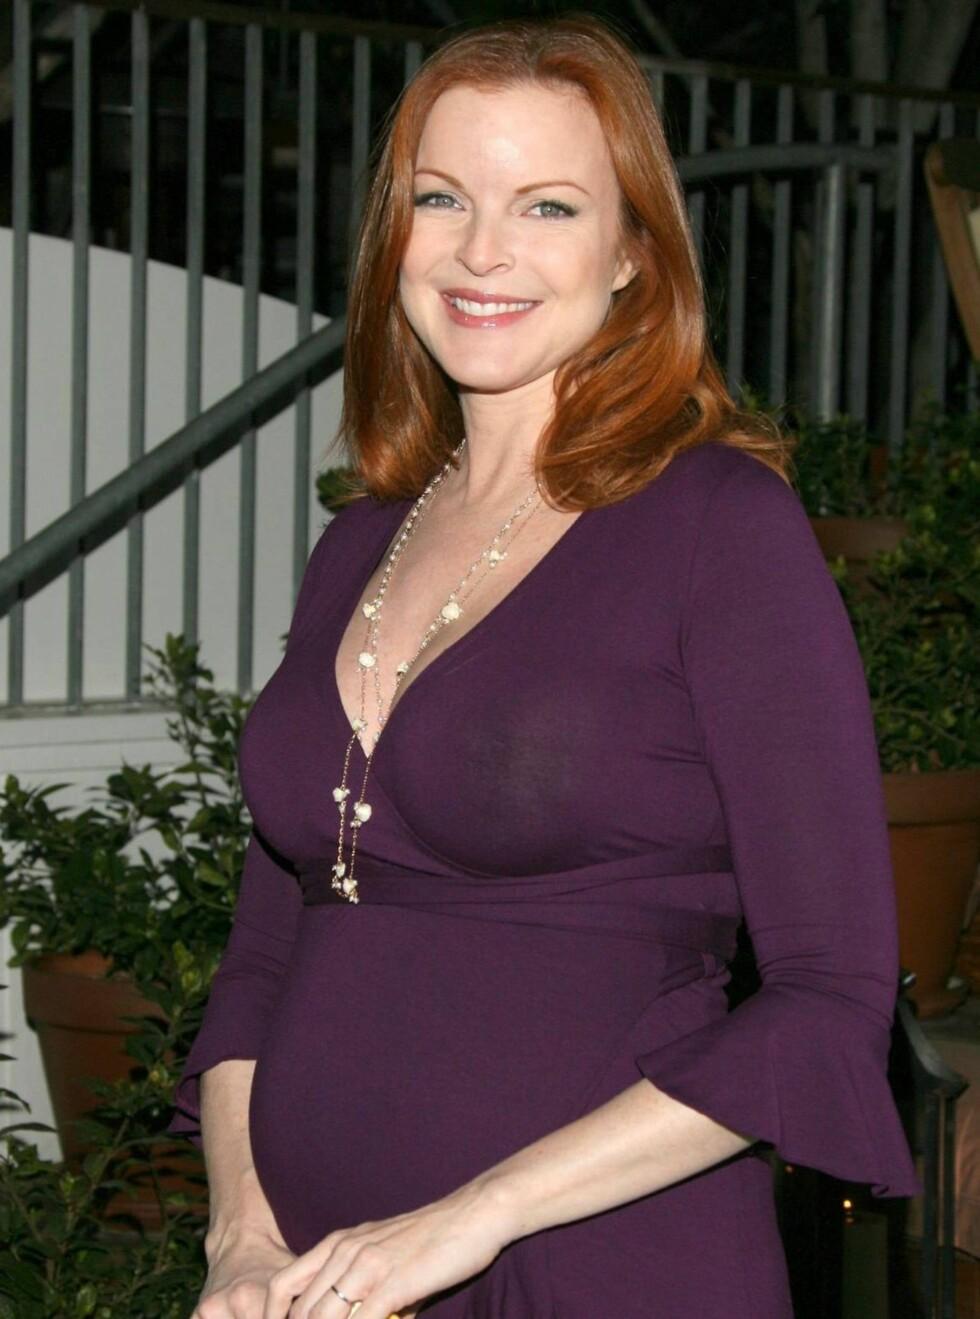 BARN I MAGEN: Marcia Cross venter tvillinger til våren. Det gjør det vanskelig å finne en passende kjole i Hollywood. Foto: All Over Press